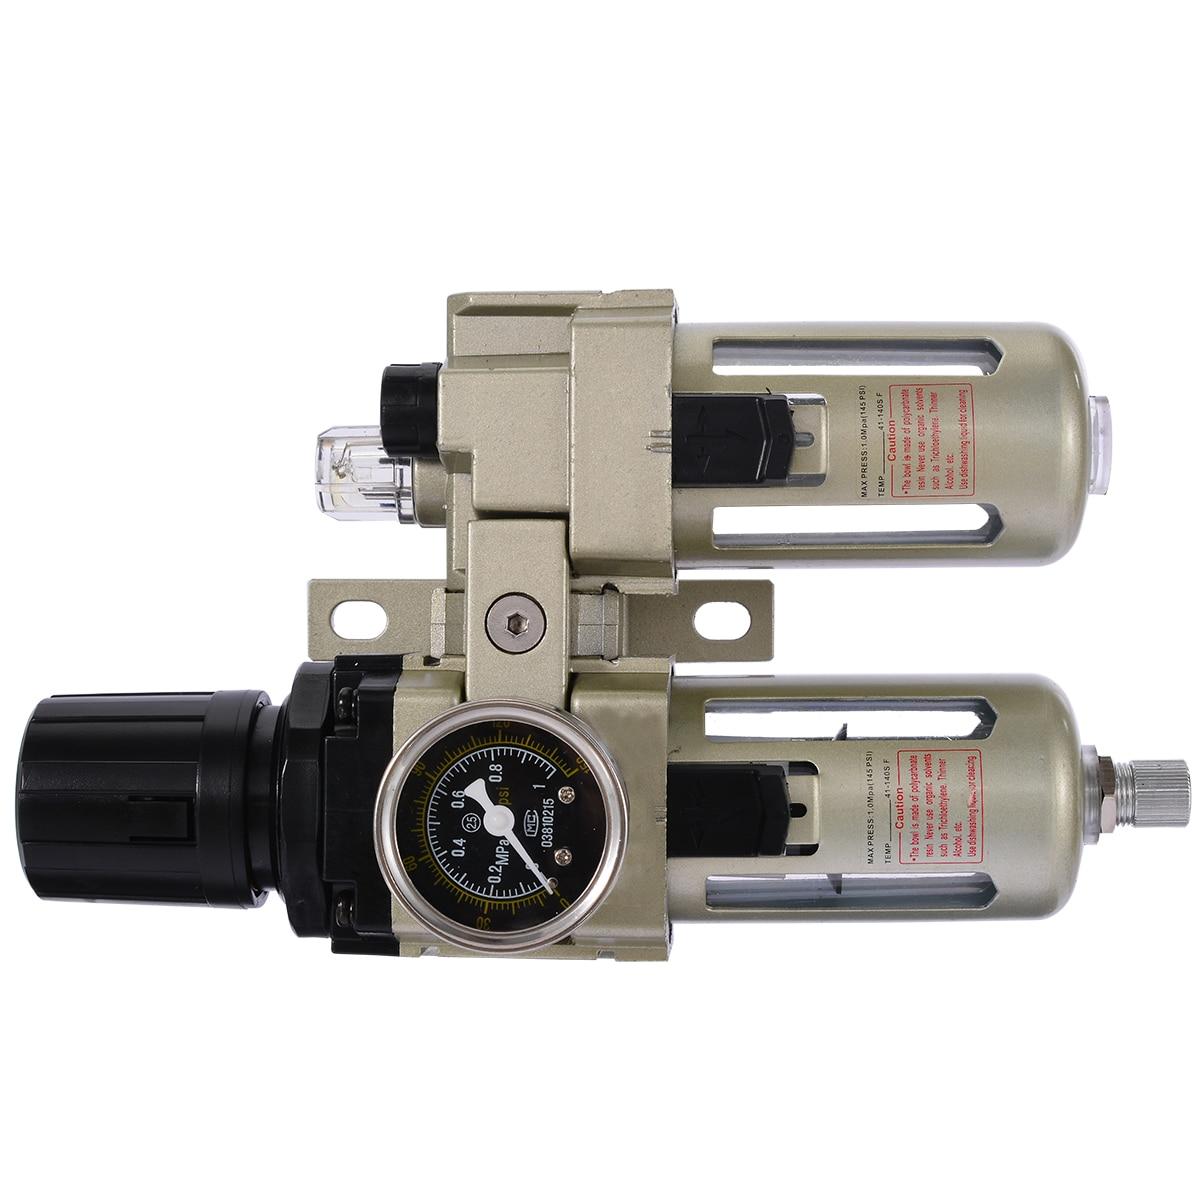 Прочный воздушный компрессор фильтр Регулятор датчик ловушка масла сепаратор воды Ловушка фильтр Регулятор Калибр Mayitr новое поступление